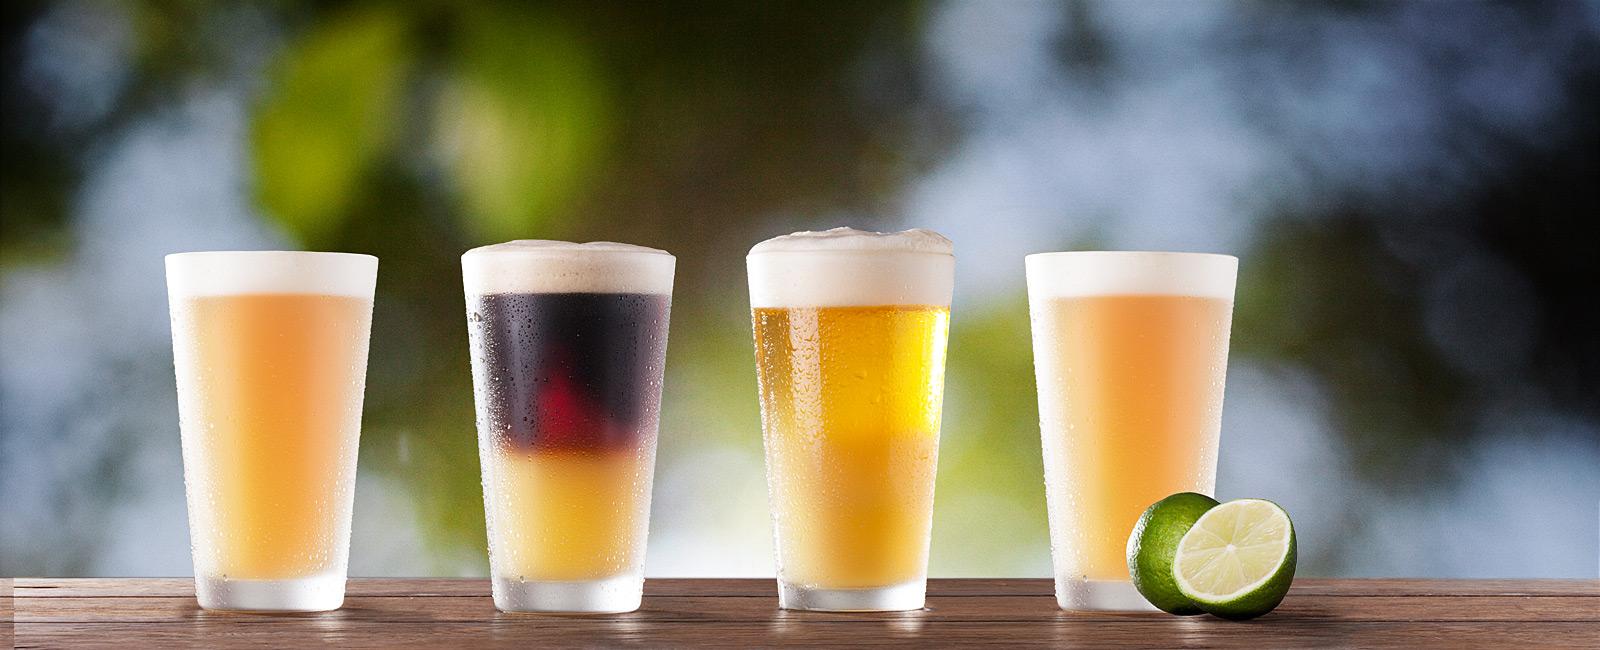 Cidre_Schneewittchen_Drinks_2-1